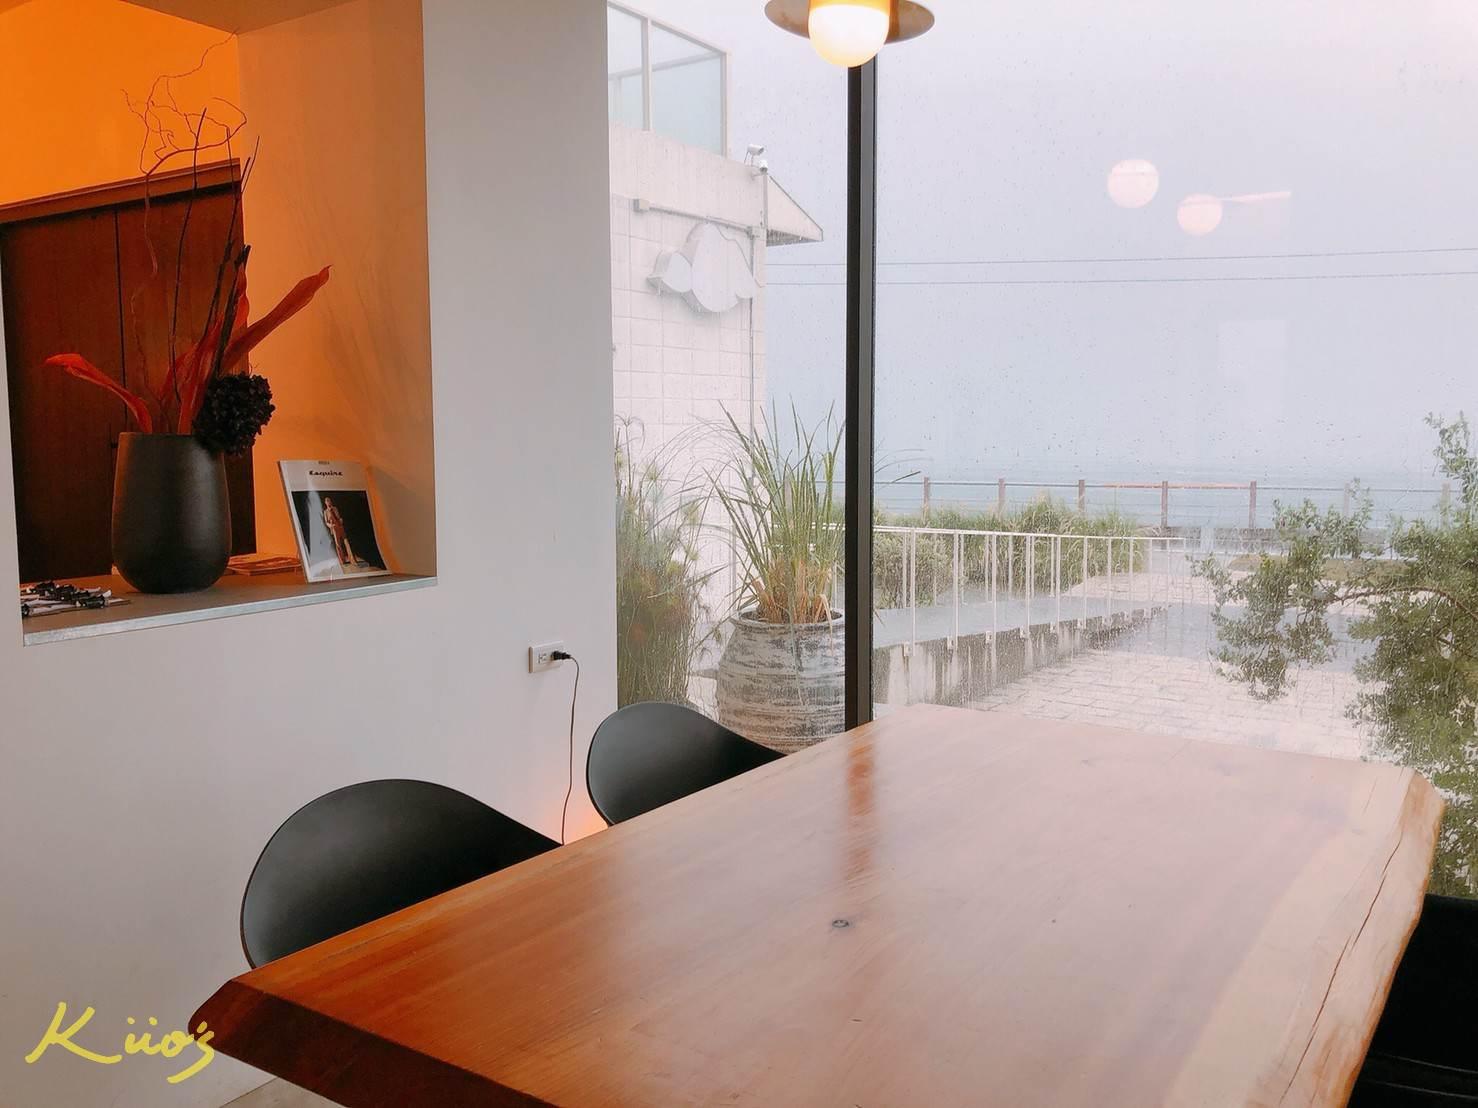 【宜蘭頭城海景咖啡廳推薦】滿山望海:預約攻略、交通停車、菜單、環境佳